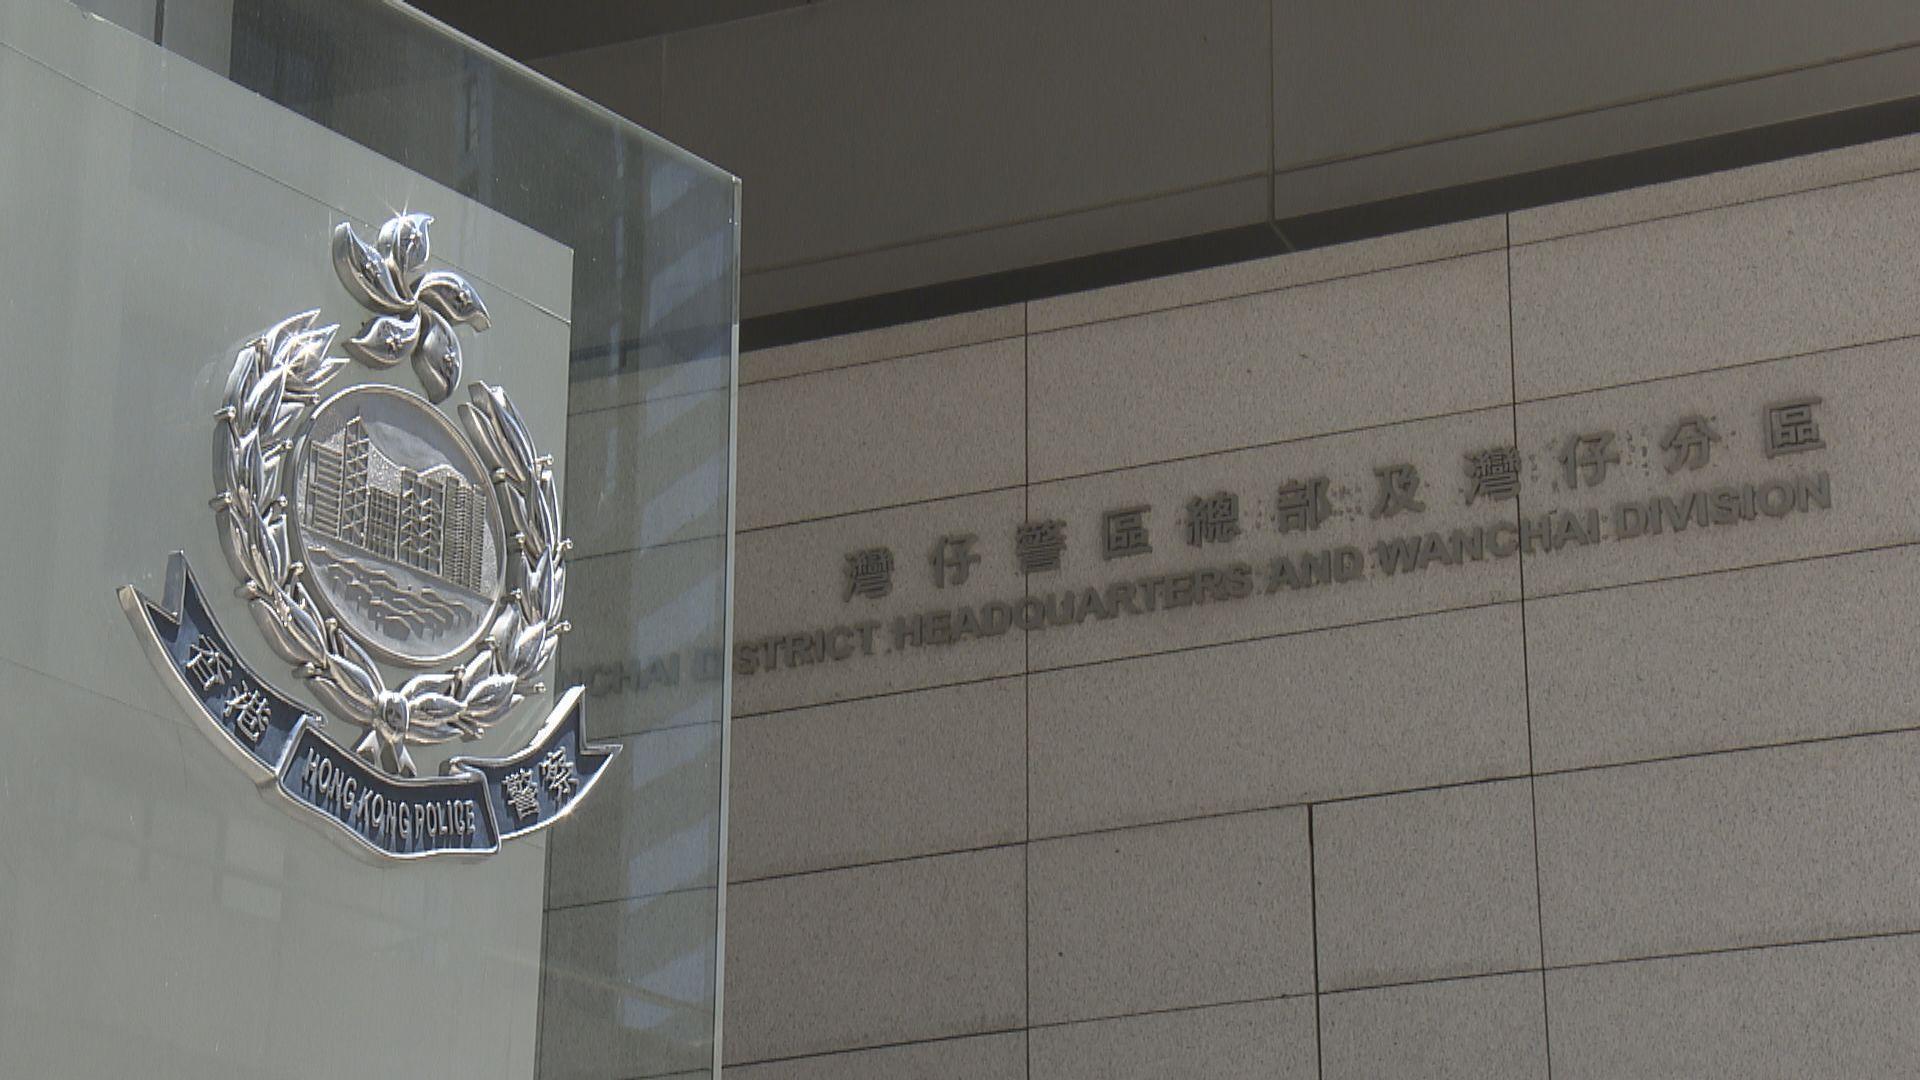 警員涉盜用他人信用卡購物被捕